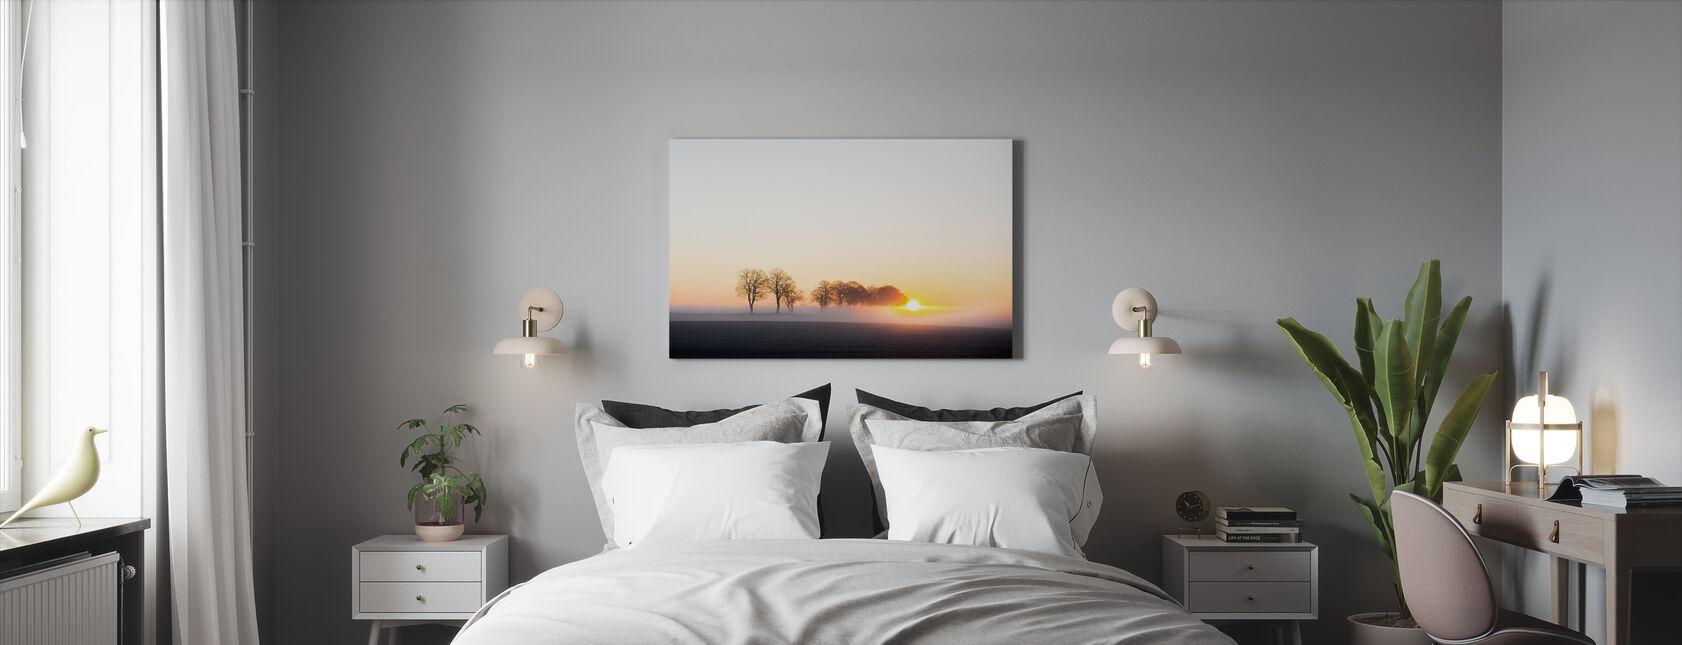 Herääminen Ruotsissa - Canvastaulu - Makuuhuone